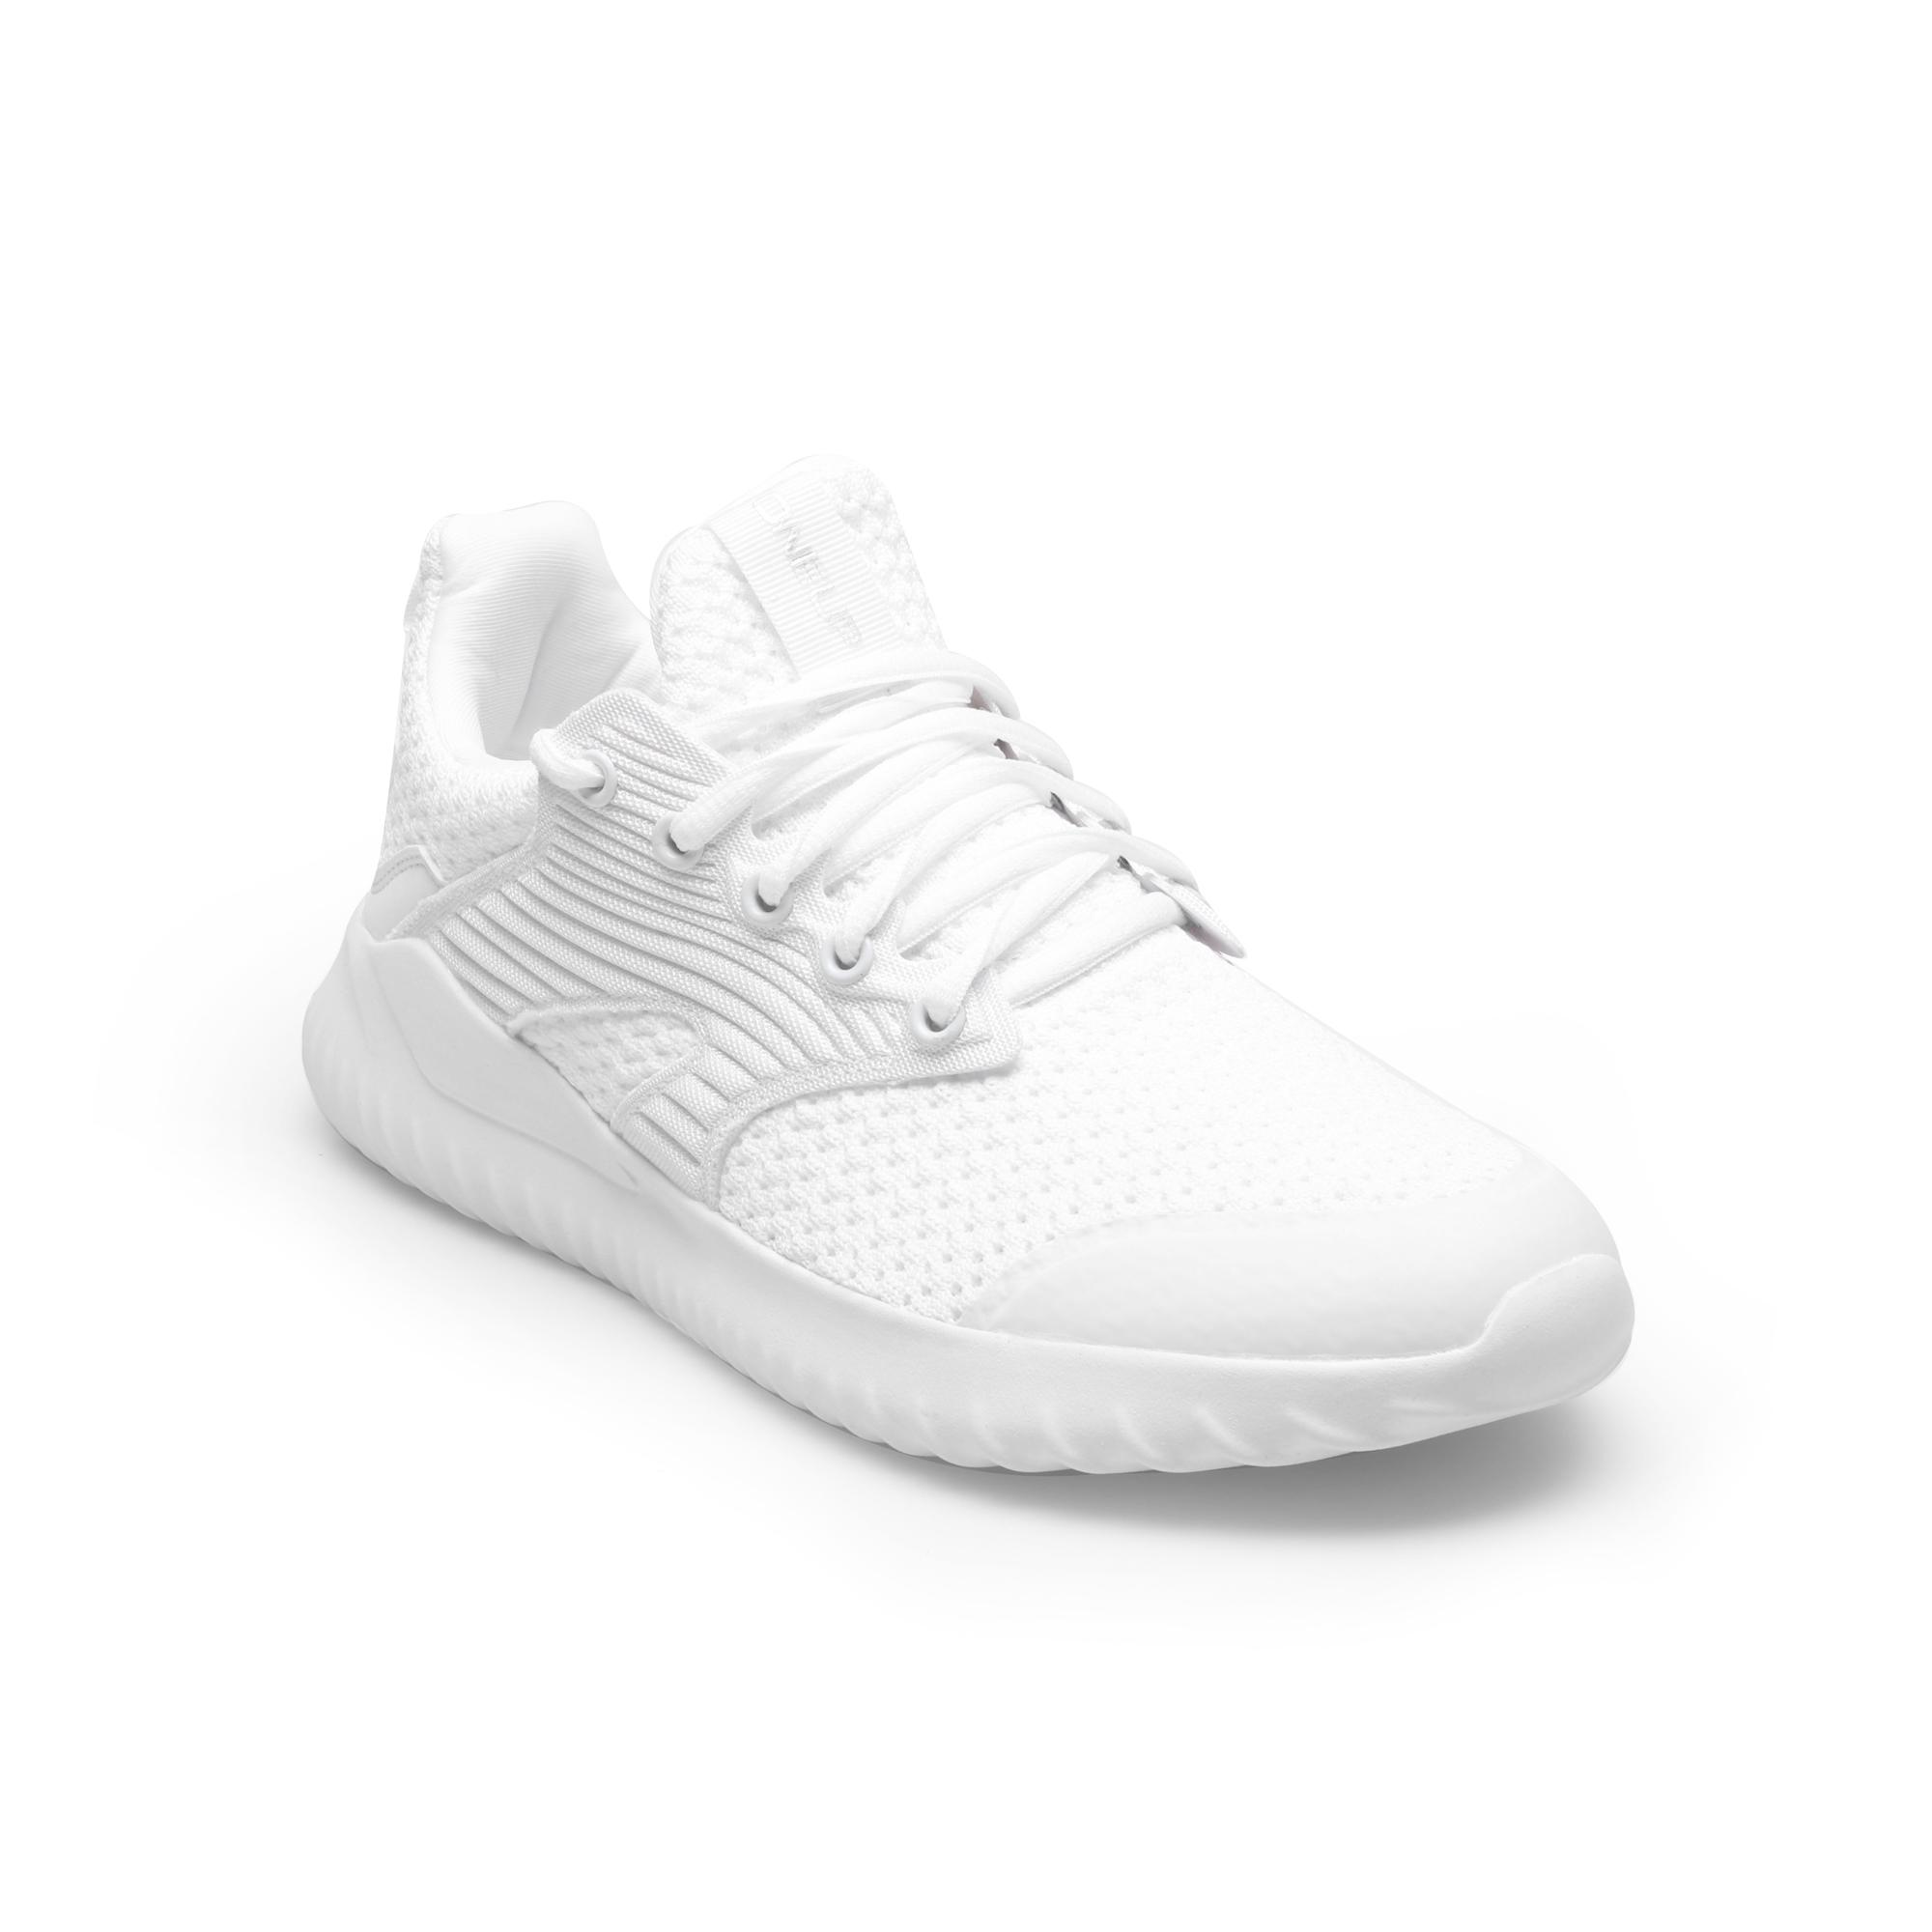 Lifestyle Shoes   Lazada PH